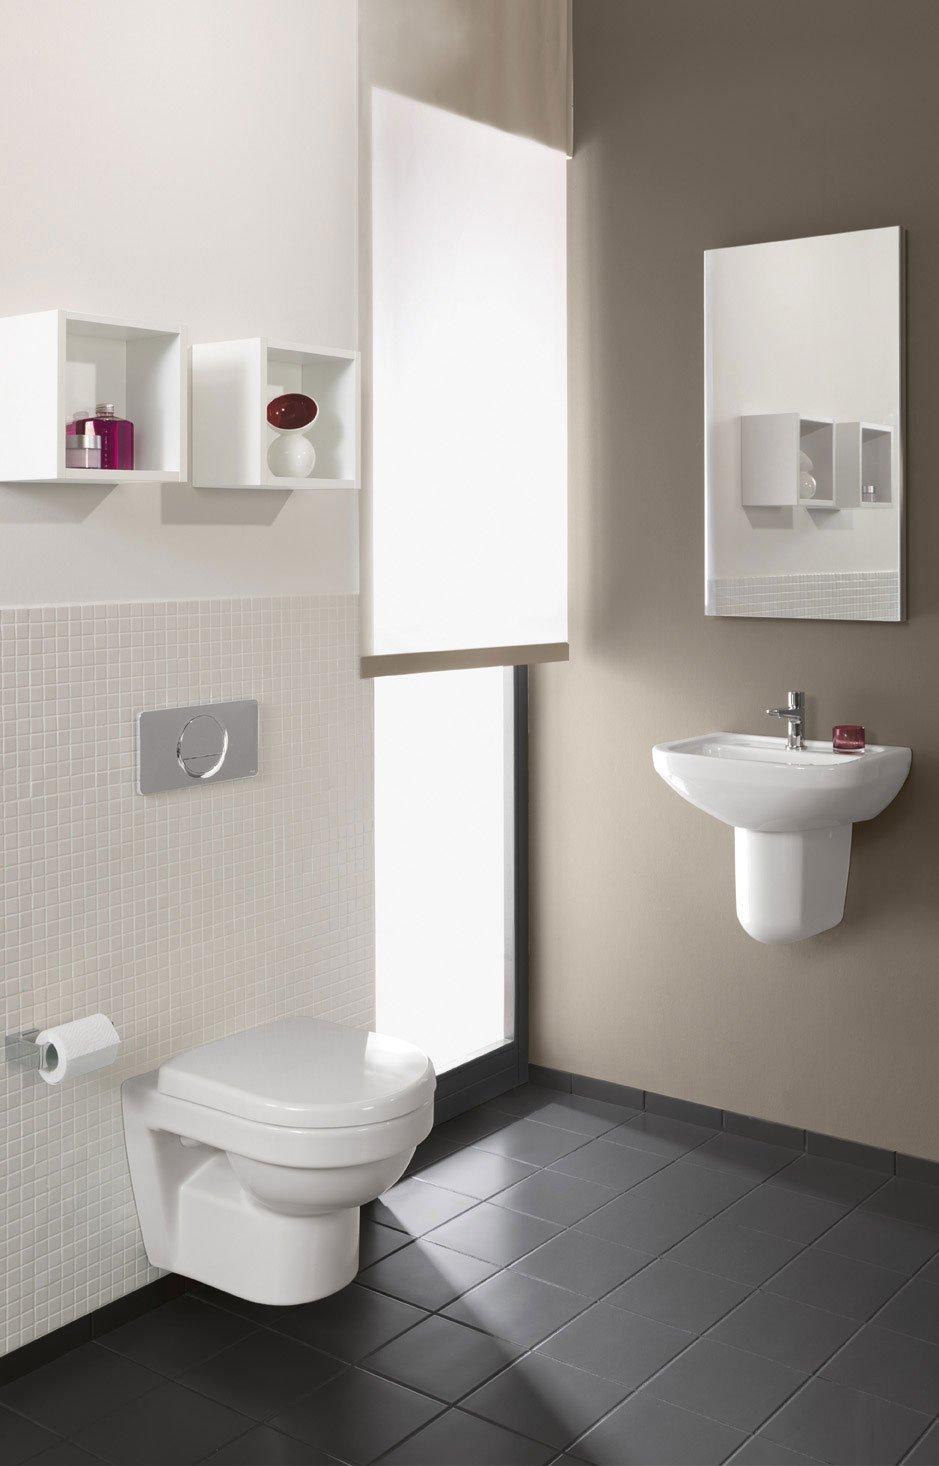 Sanitari sospesi e salvaspazio cose di casa - Lavabo bagno piccolo misure ...